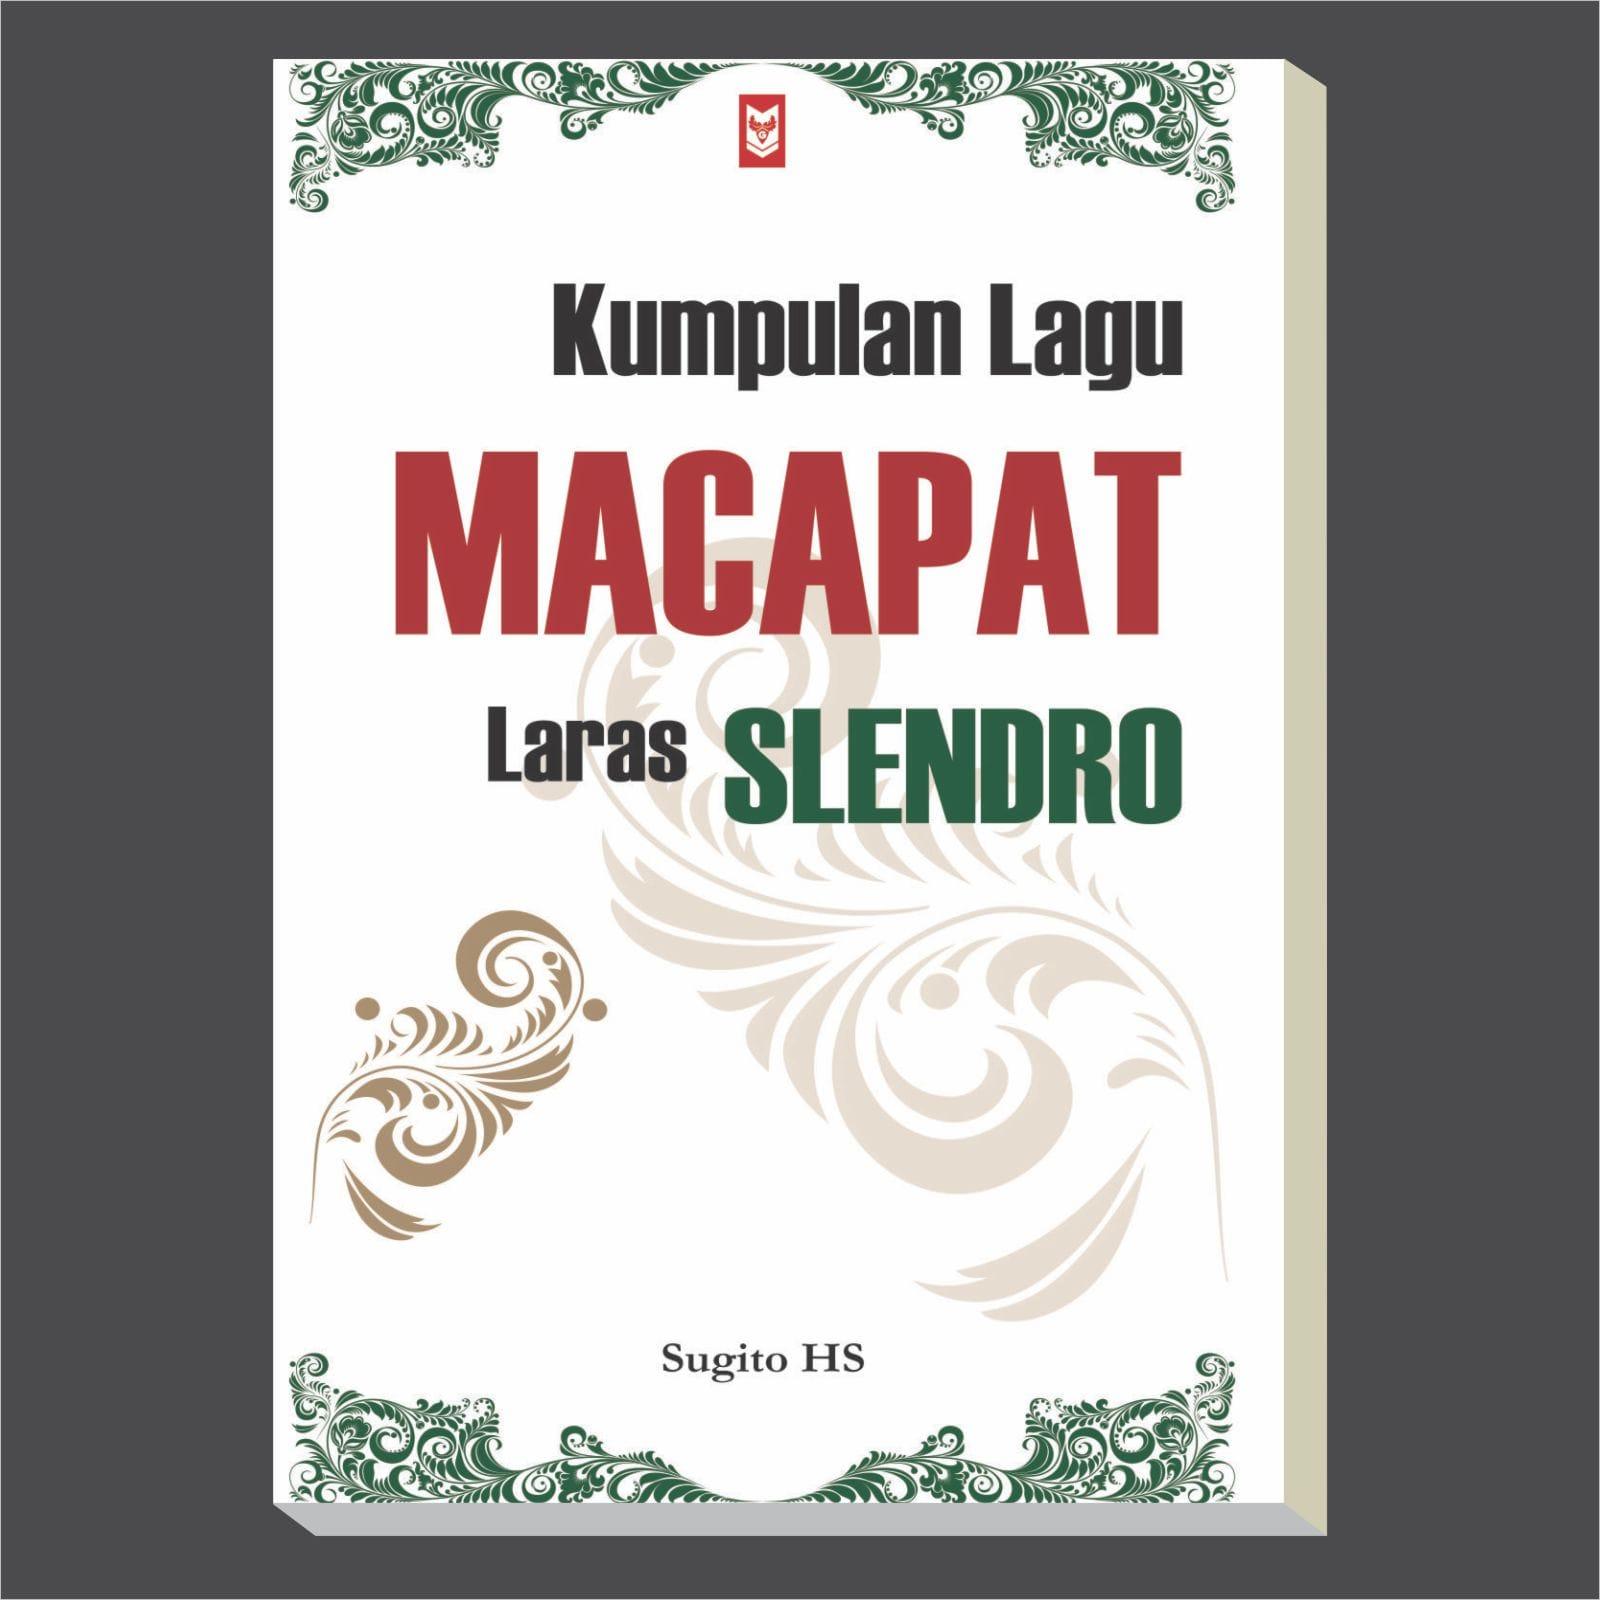 Kumpulan Lagu Macapat Laras Slendro - Blanja.com